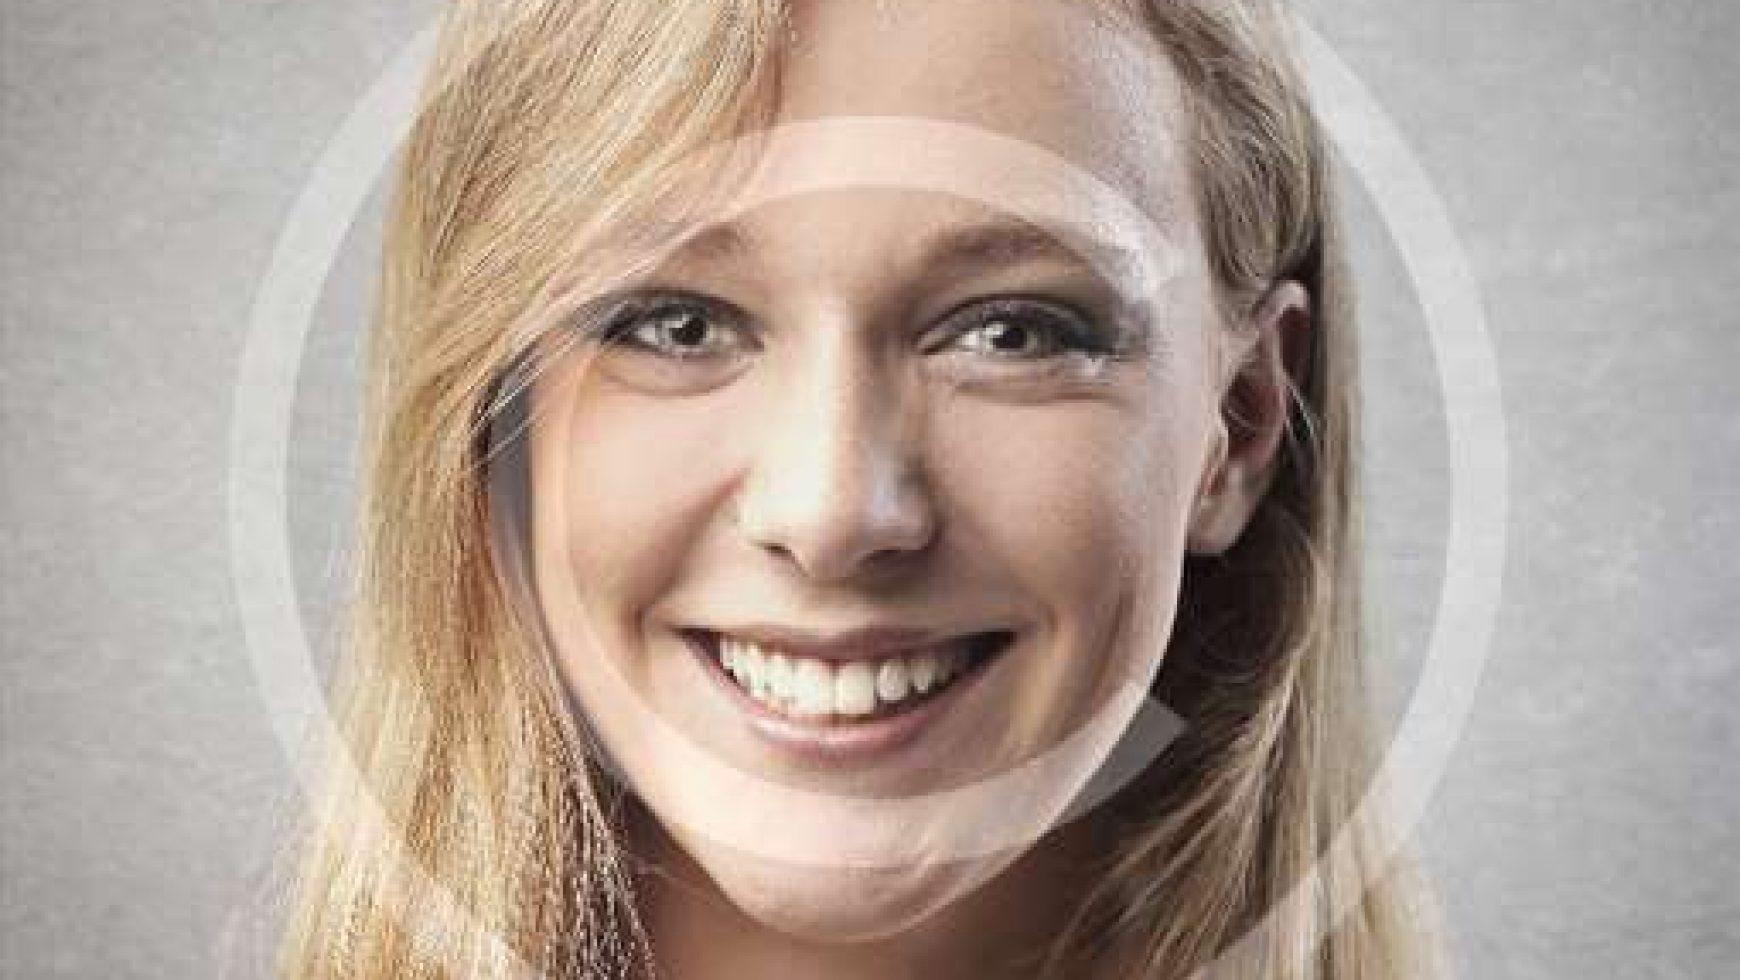 Jessica Duna